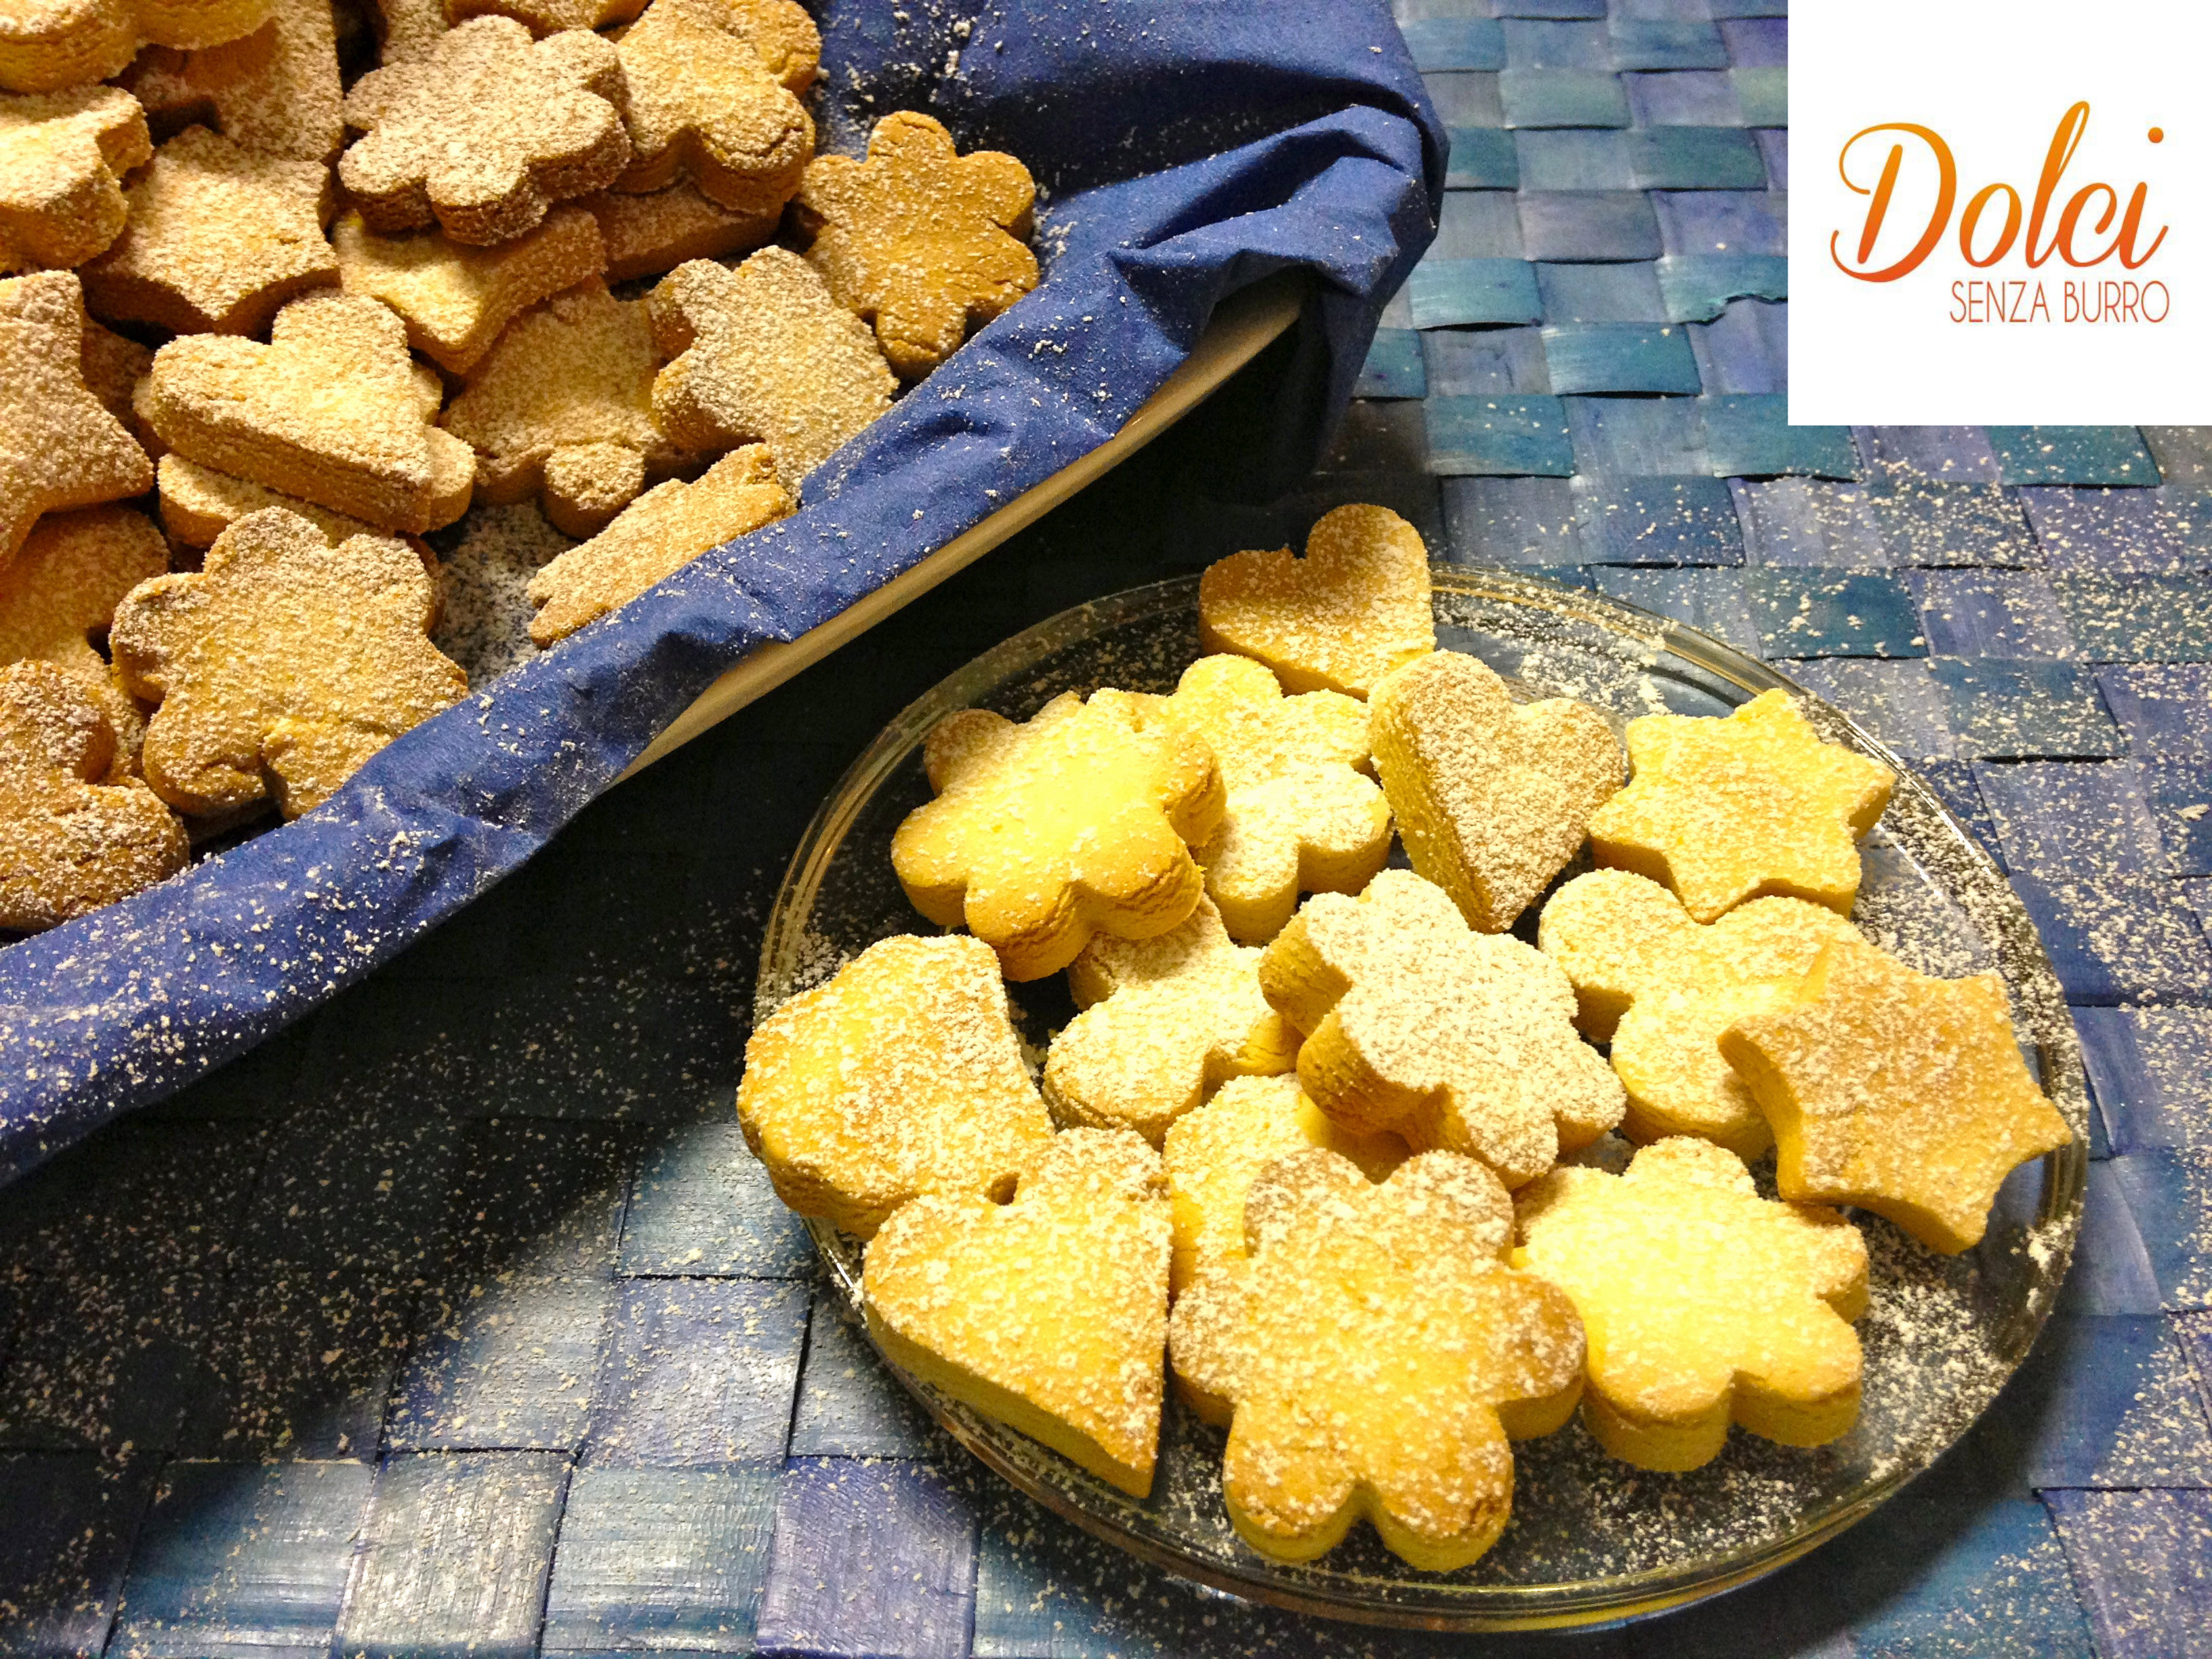 Biscotti con Farina di Riso Senza Burro friabili leggeri e golosi di dolci senza burro